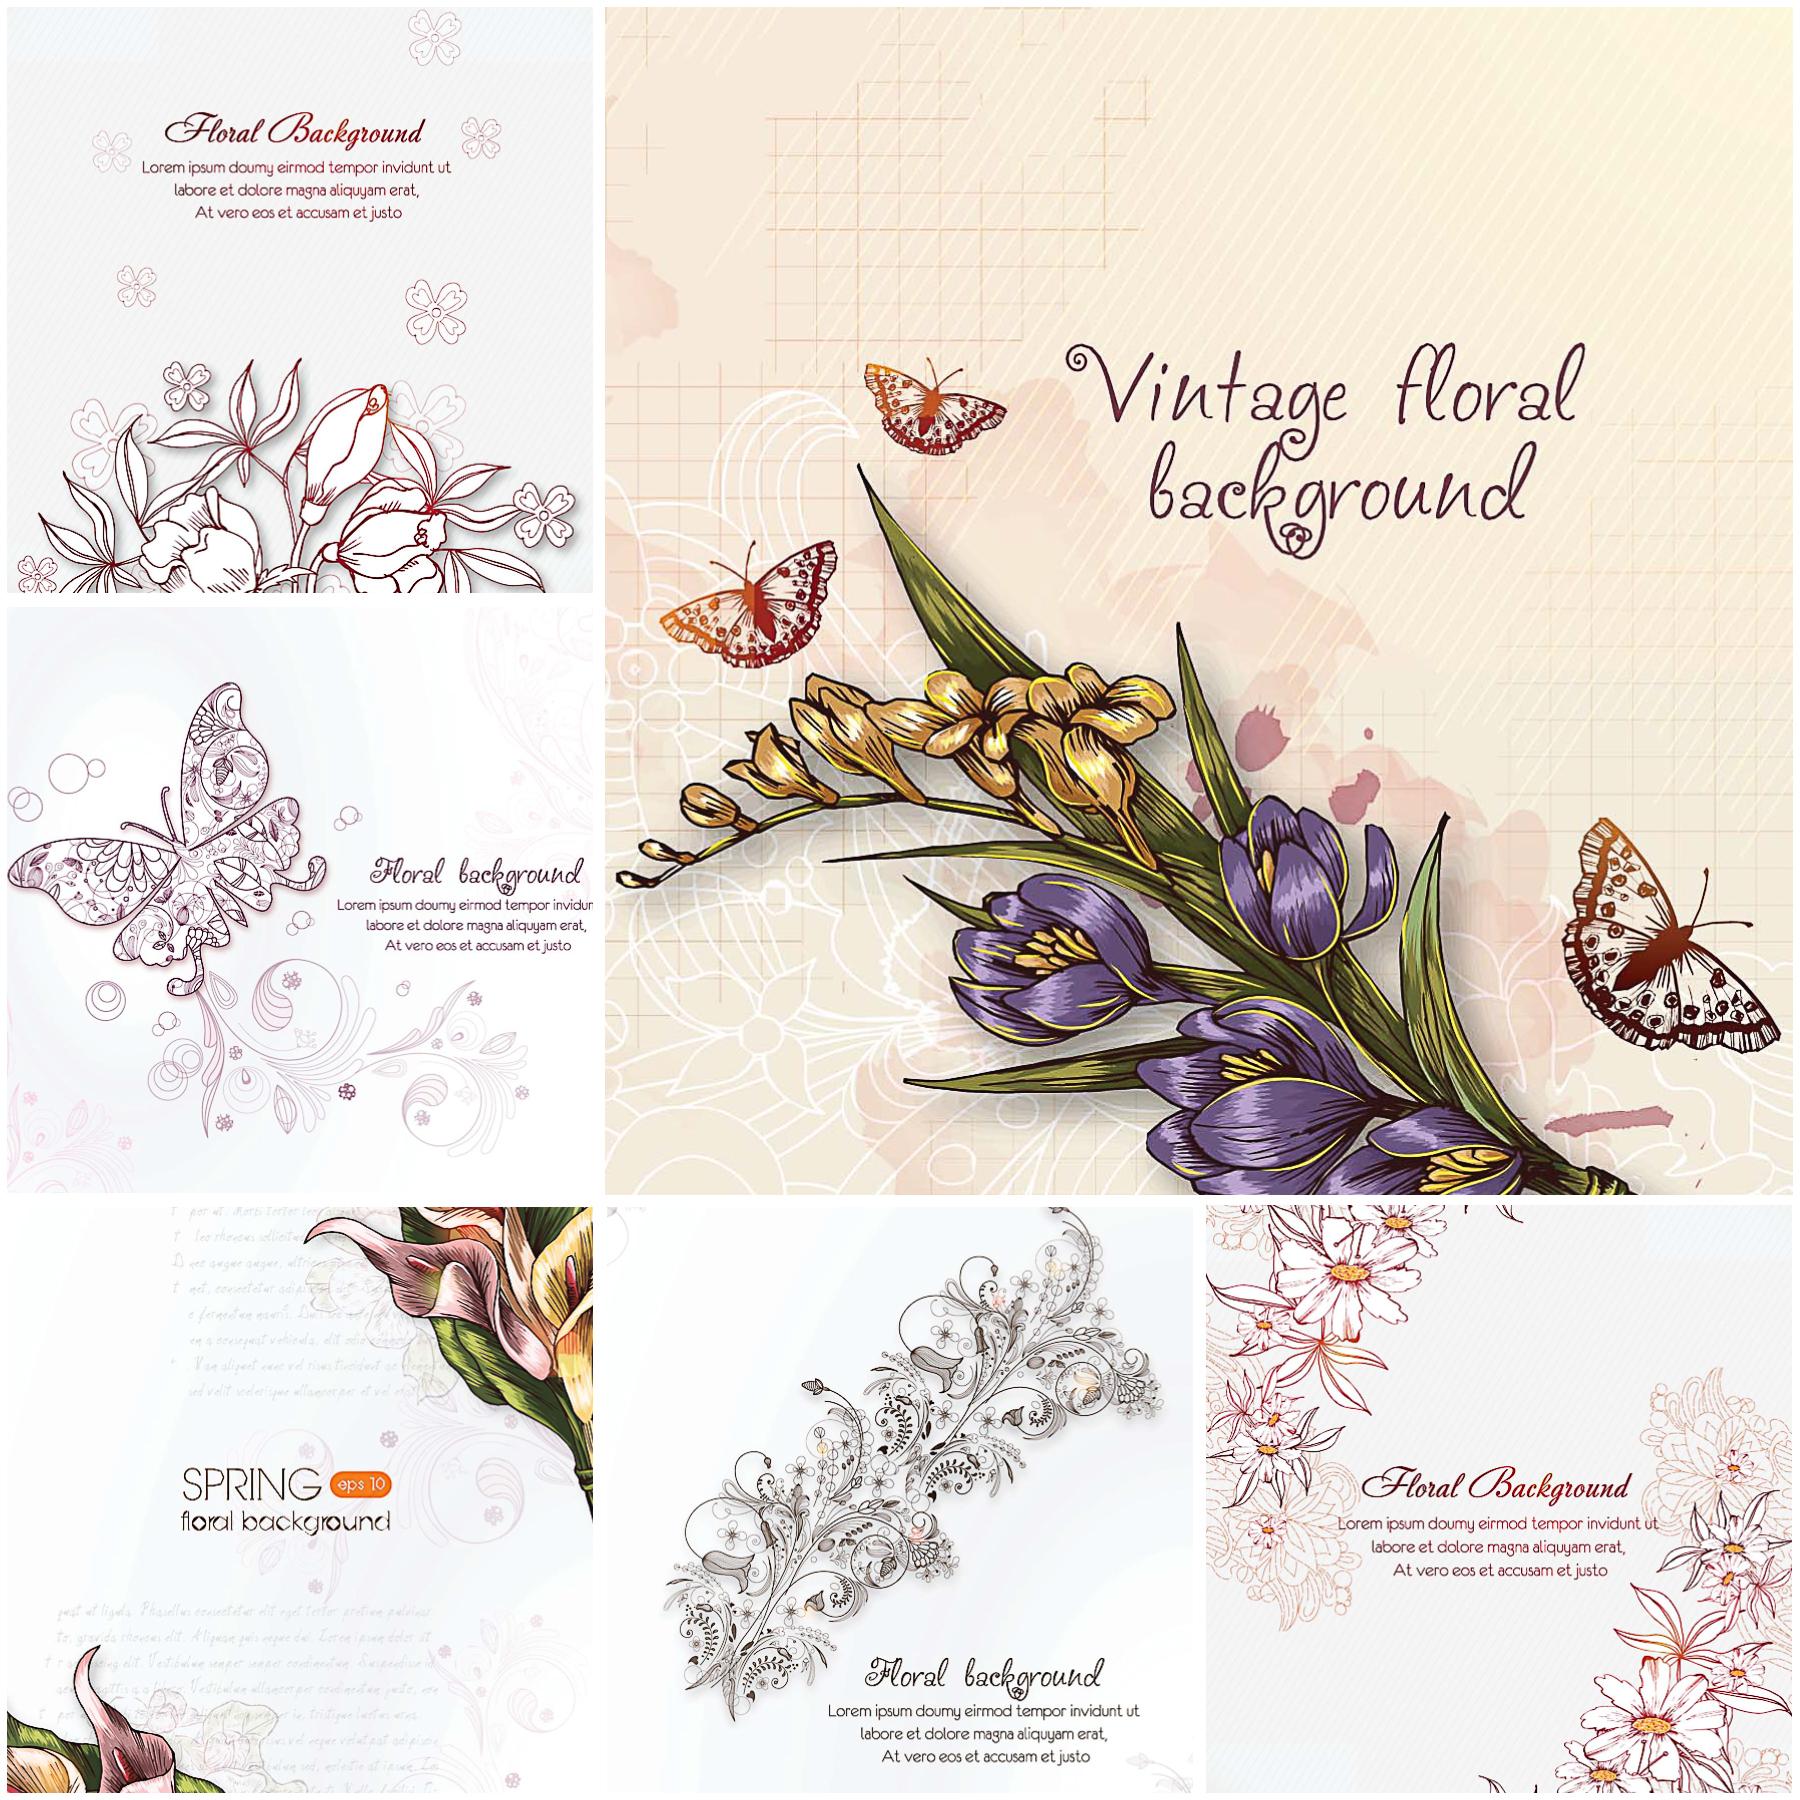 Vintage floral background set.